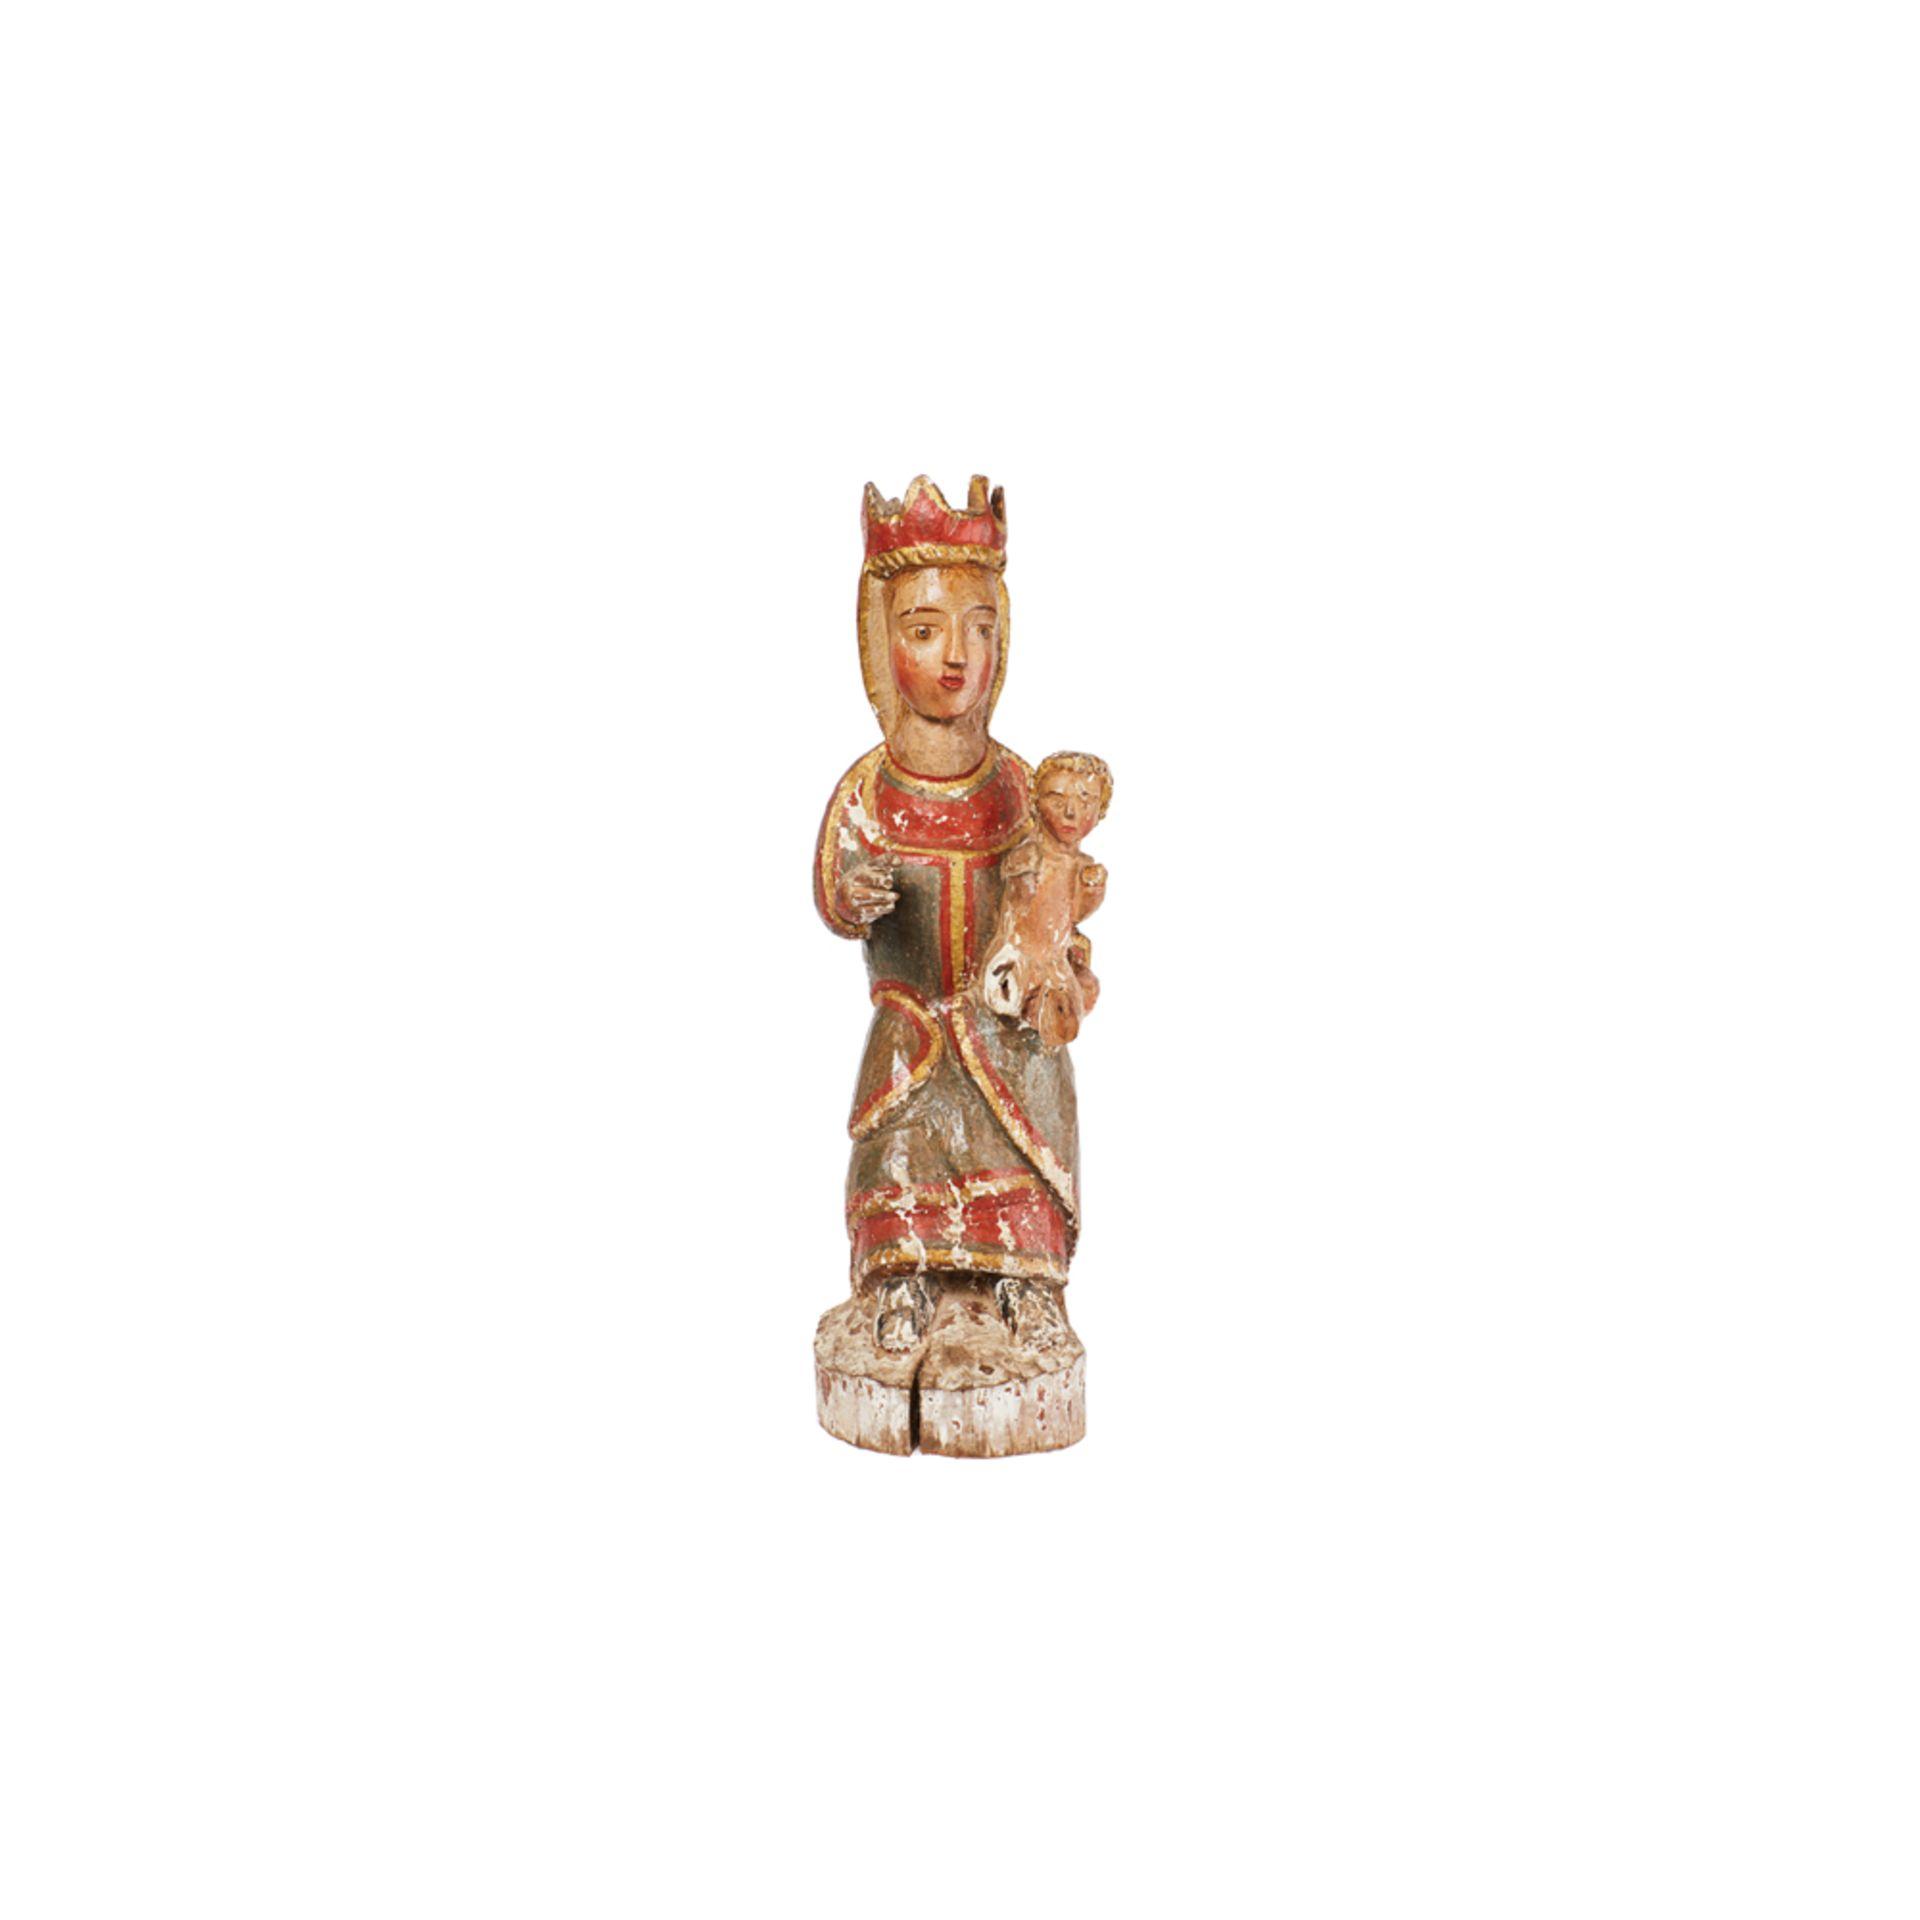 Los 5 - Escuela catalana, s.XIII. Virgen con Niño. Escultura románica en madera tallada y policromada.